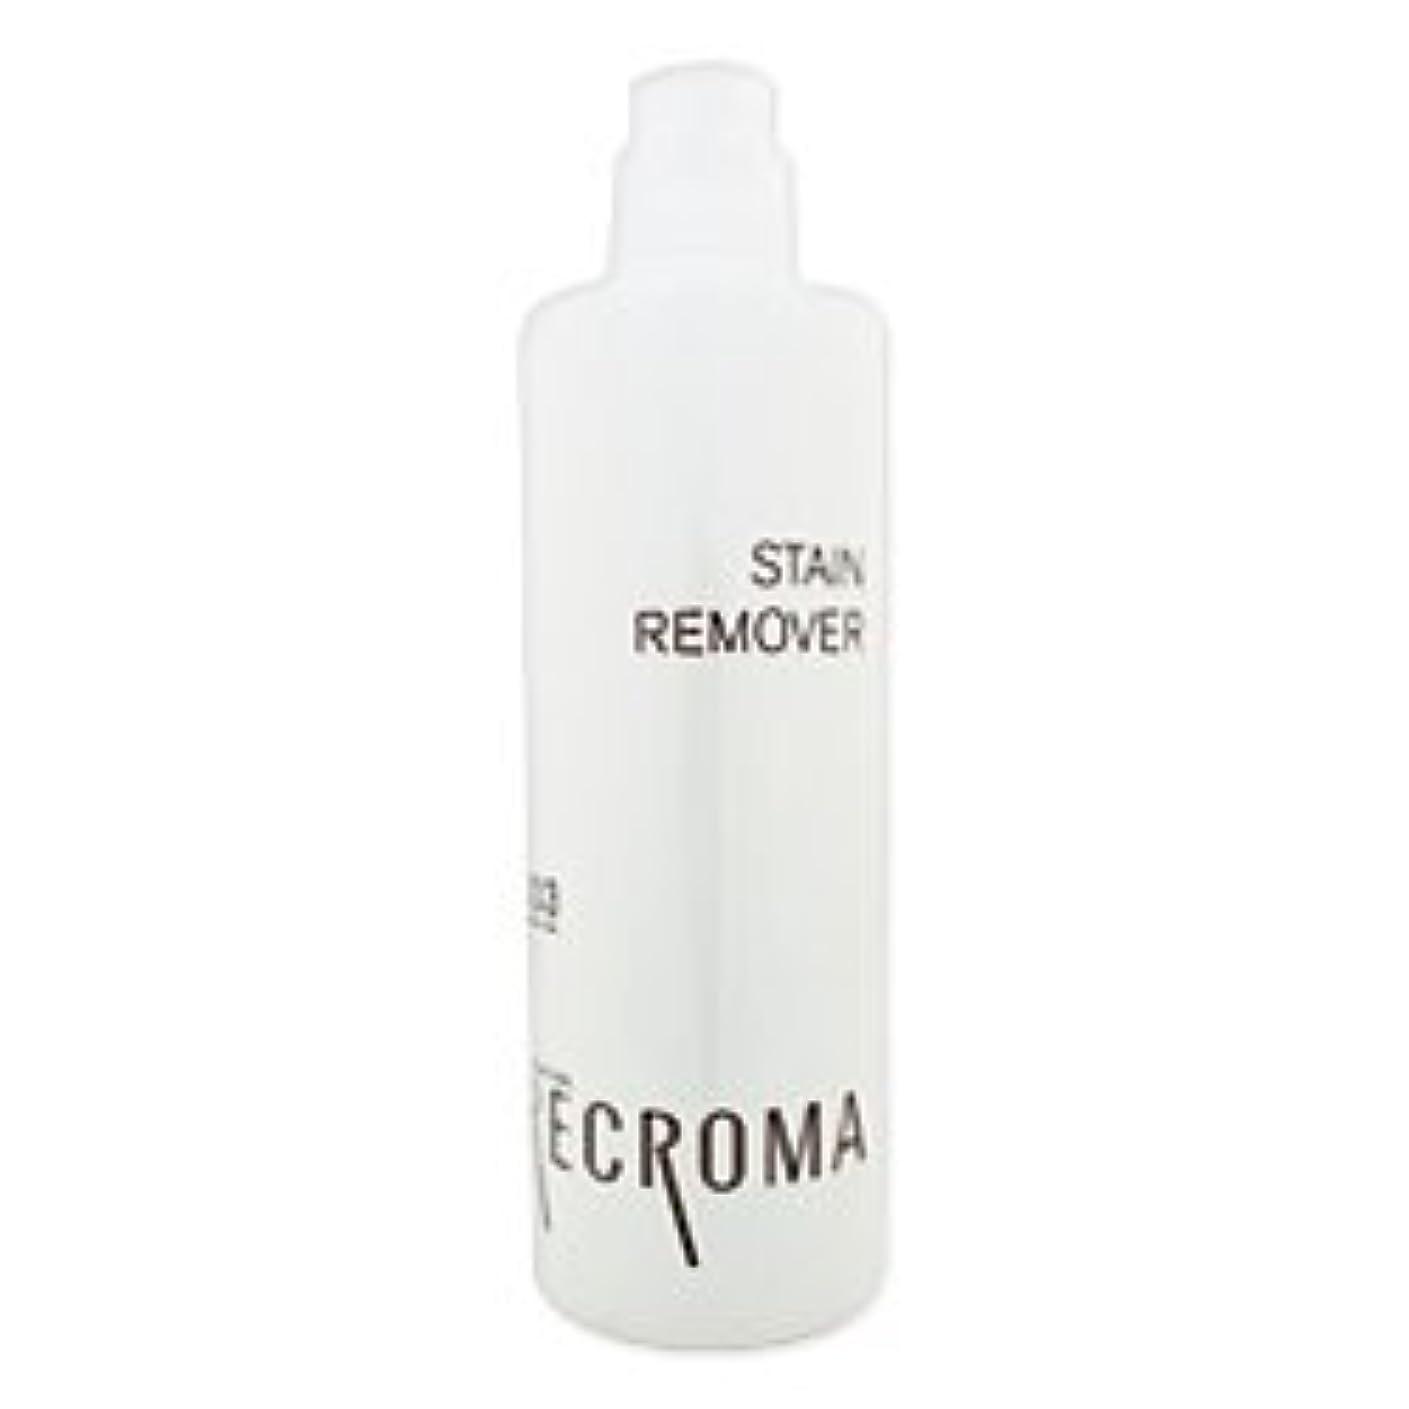 性的コンパス思慮のないナンバースリー リクロマ ステインリムーバー 拭き取り化粧水 300ml 【業務用】